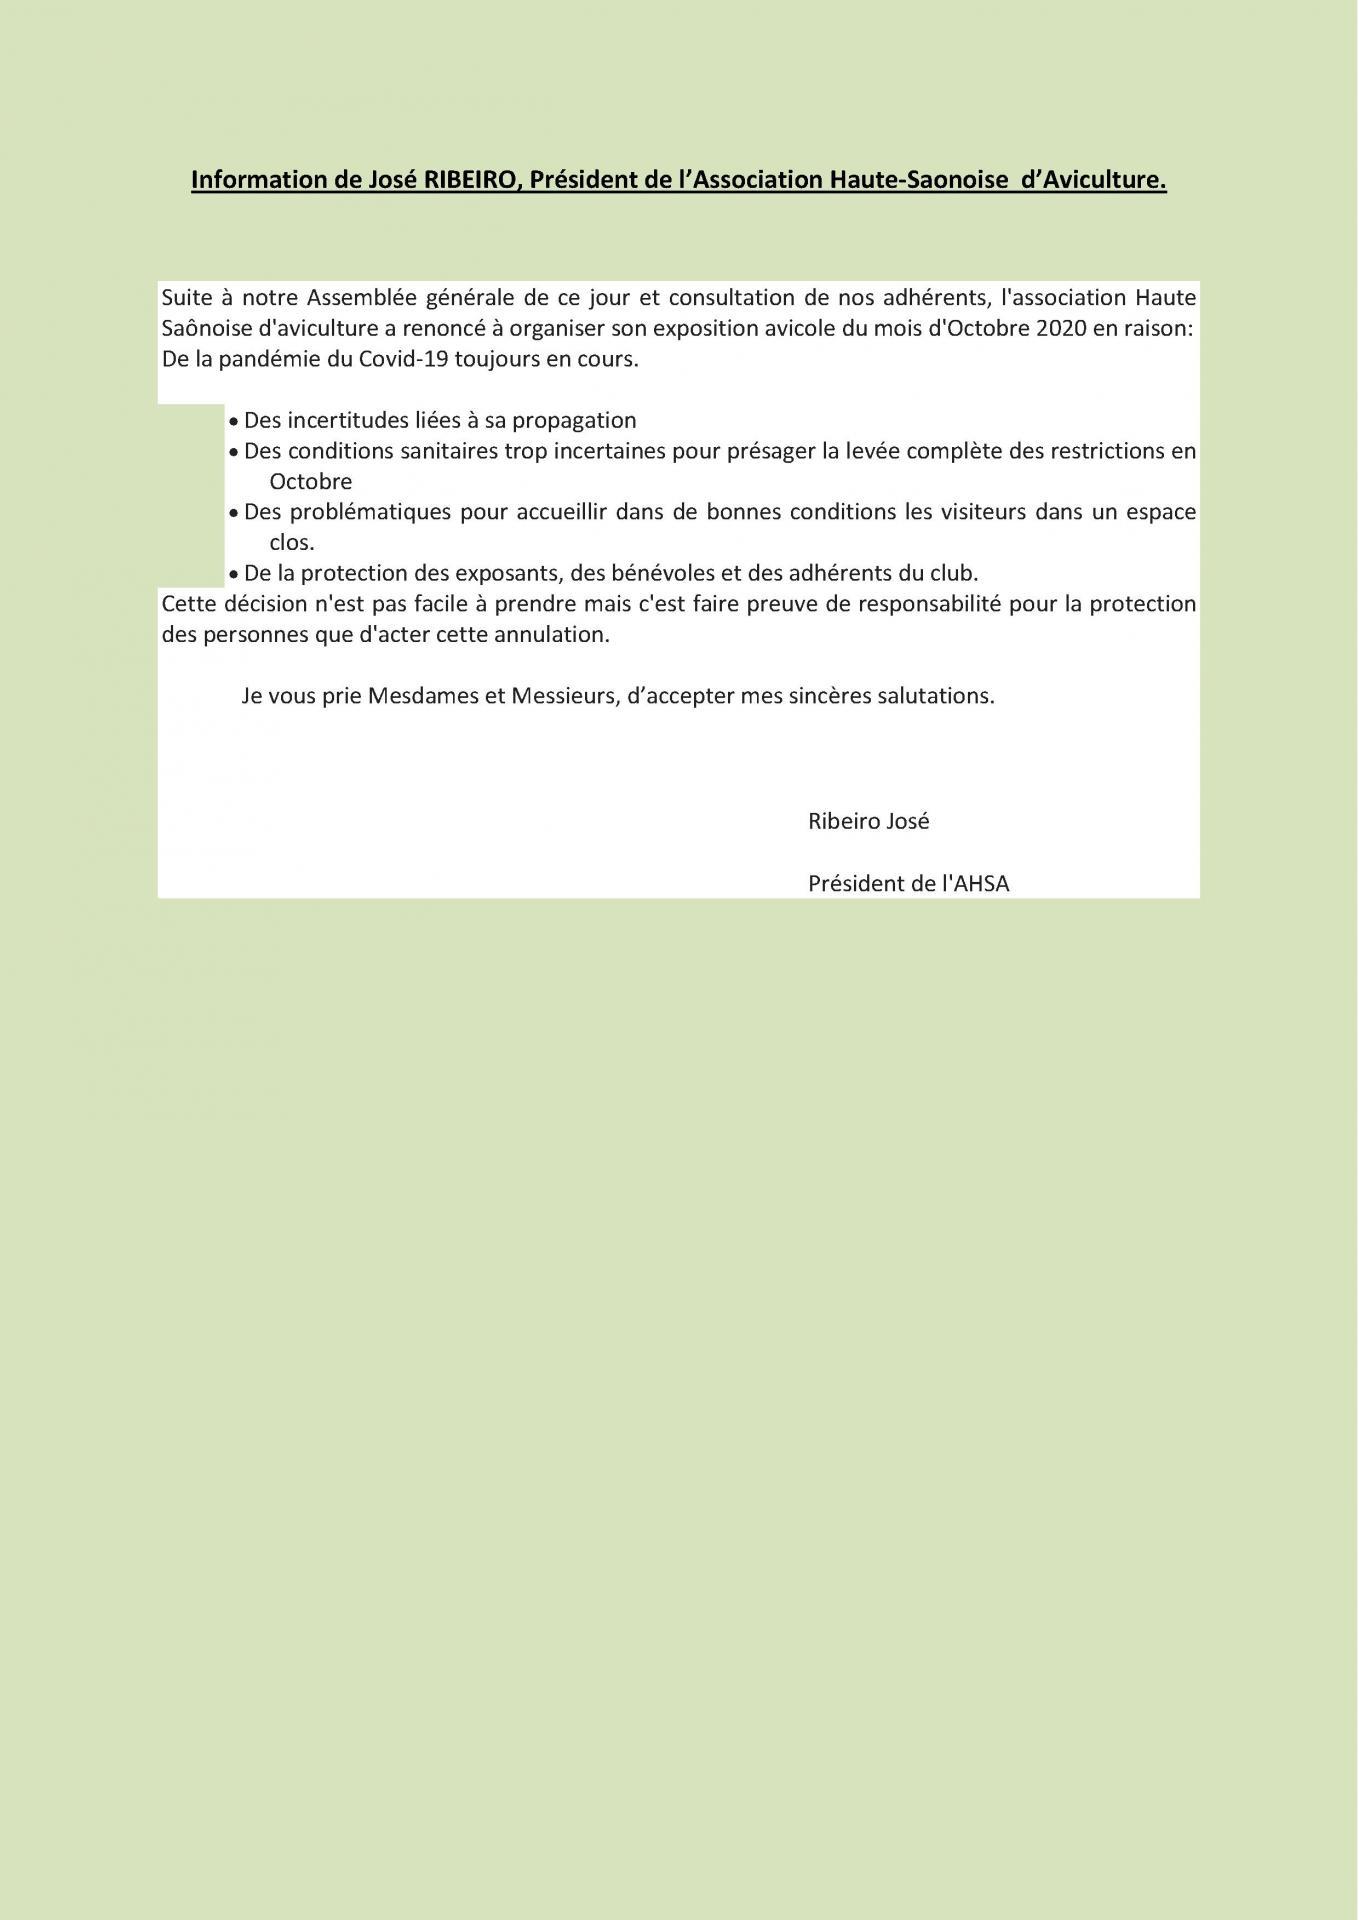 Information de jose ribeiro president de l ahsa